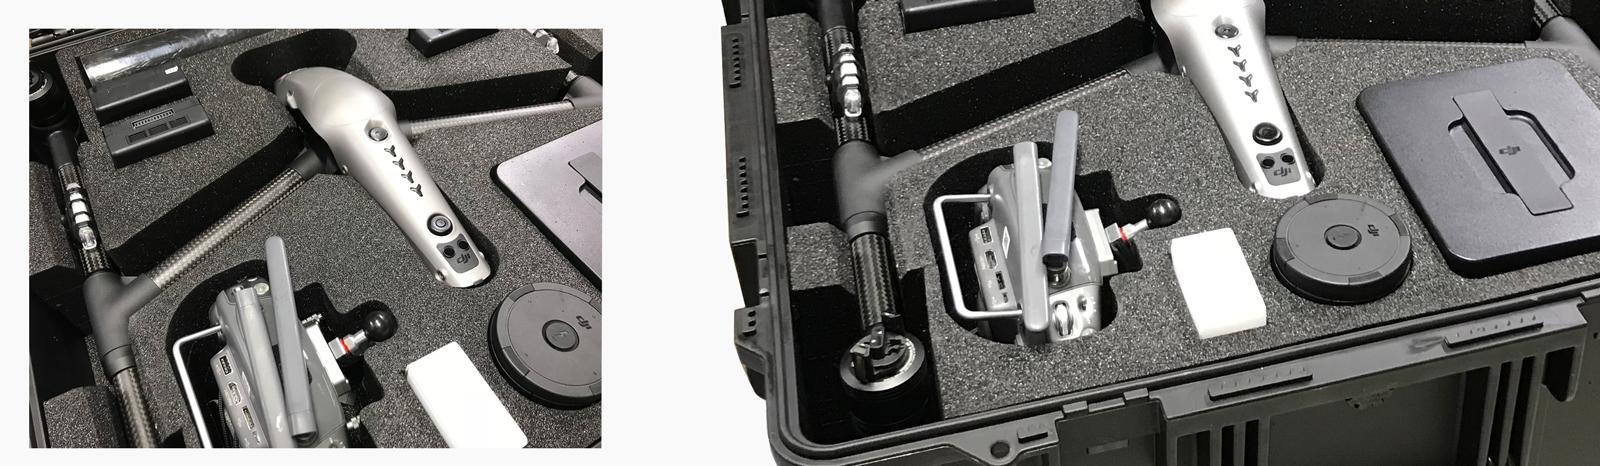 Custom foam for DJI Drones